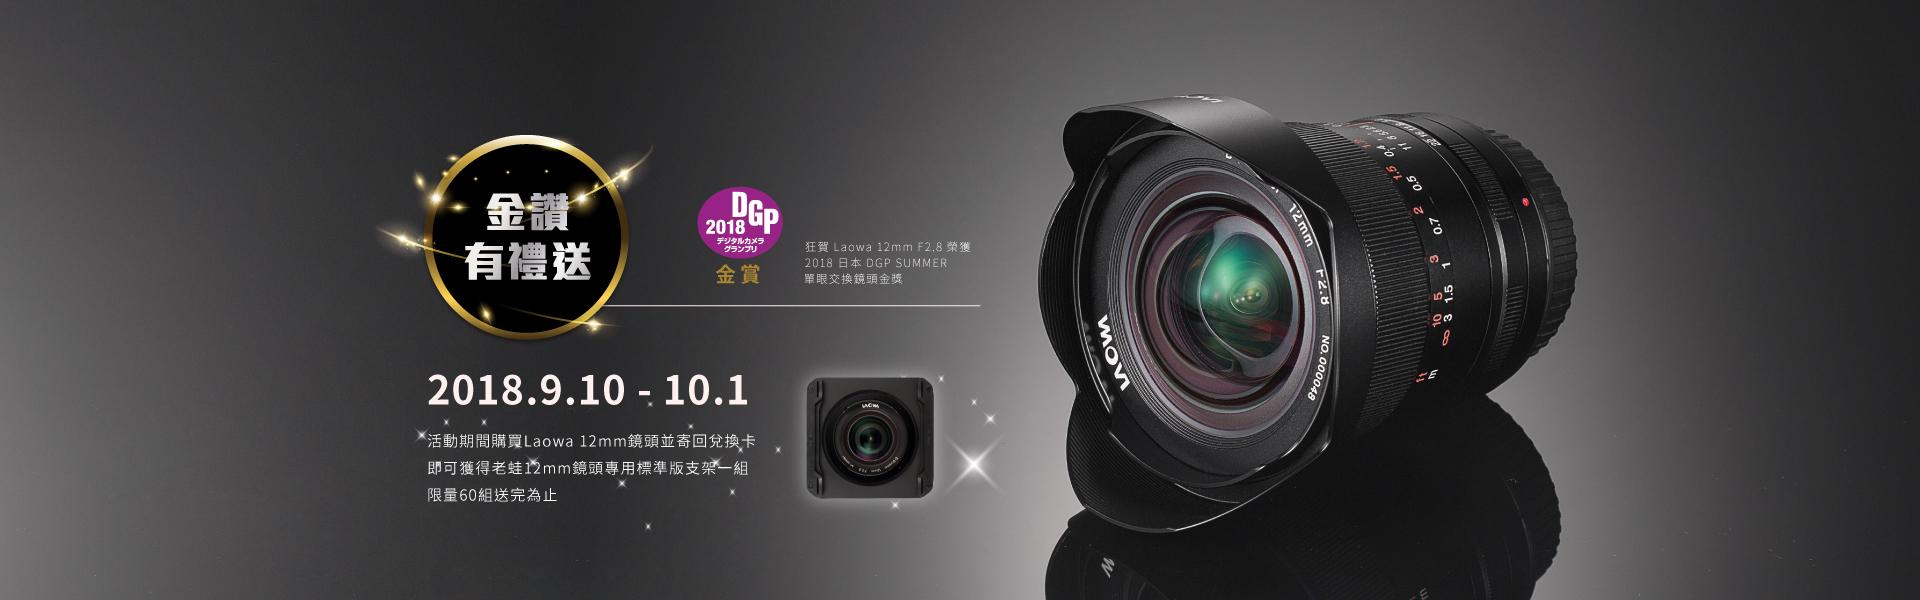 【金讚有禮送】~Laowa 12mm鏡頭送限量禮!